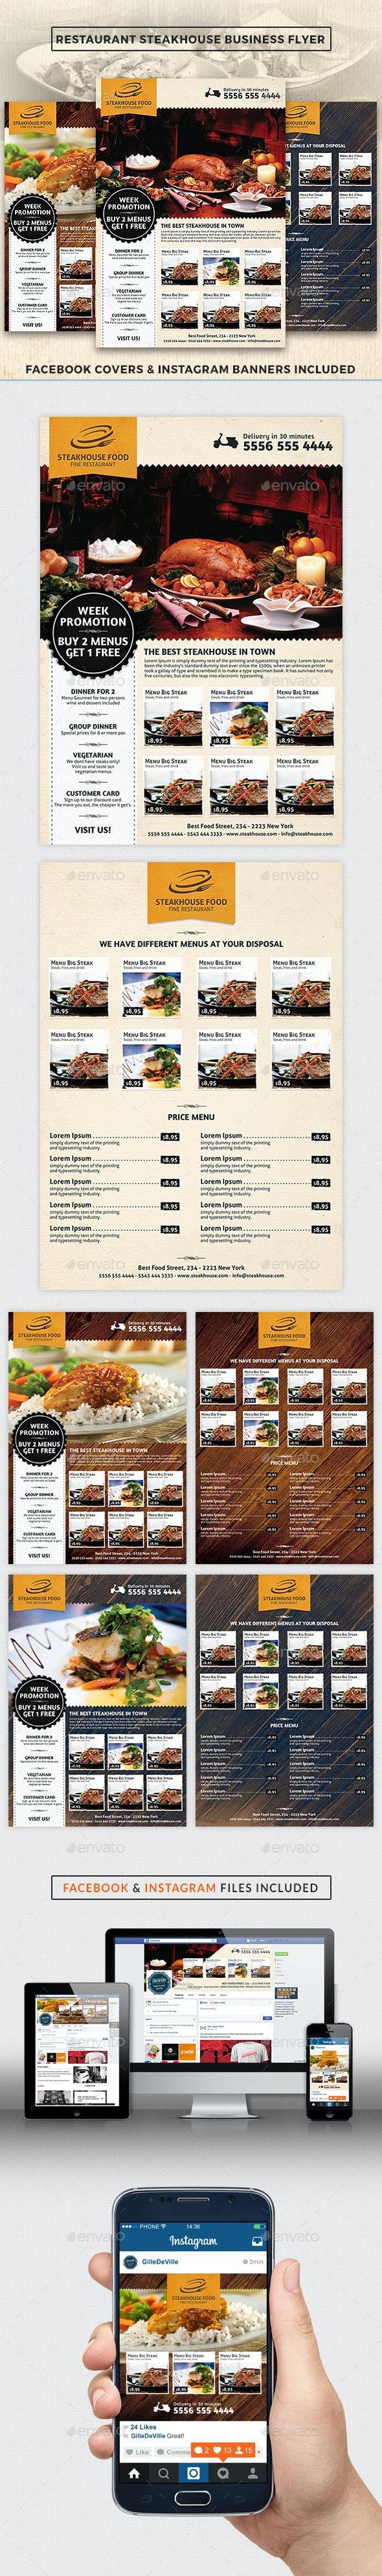 Restaurant SteakHouse Advertising Business Flyer - Restaurant Flyers